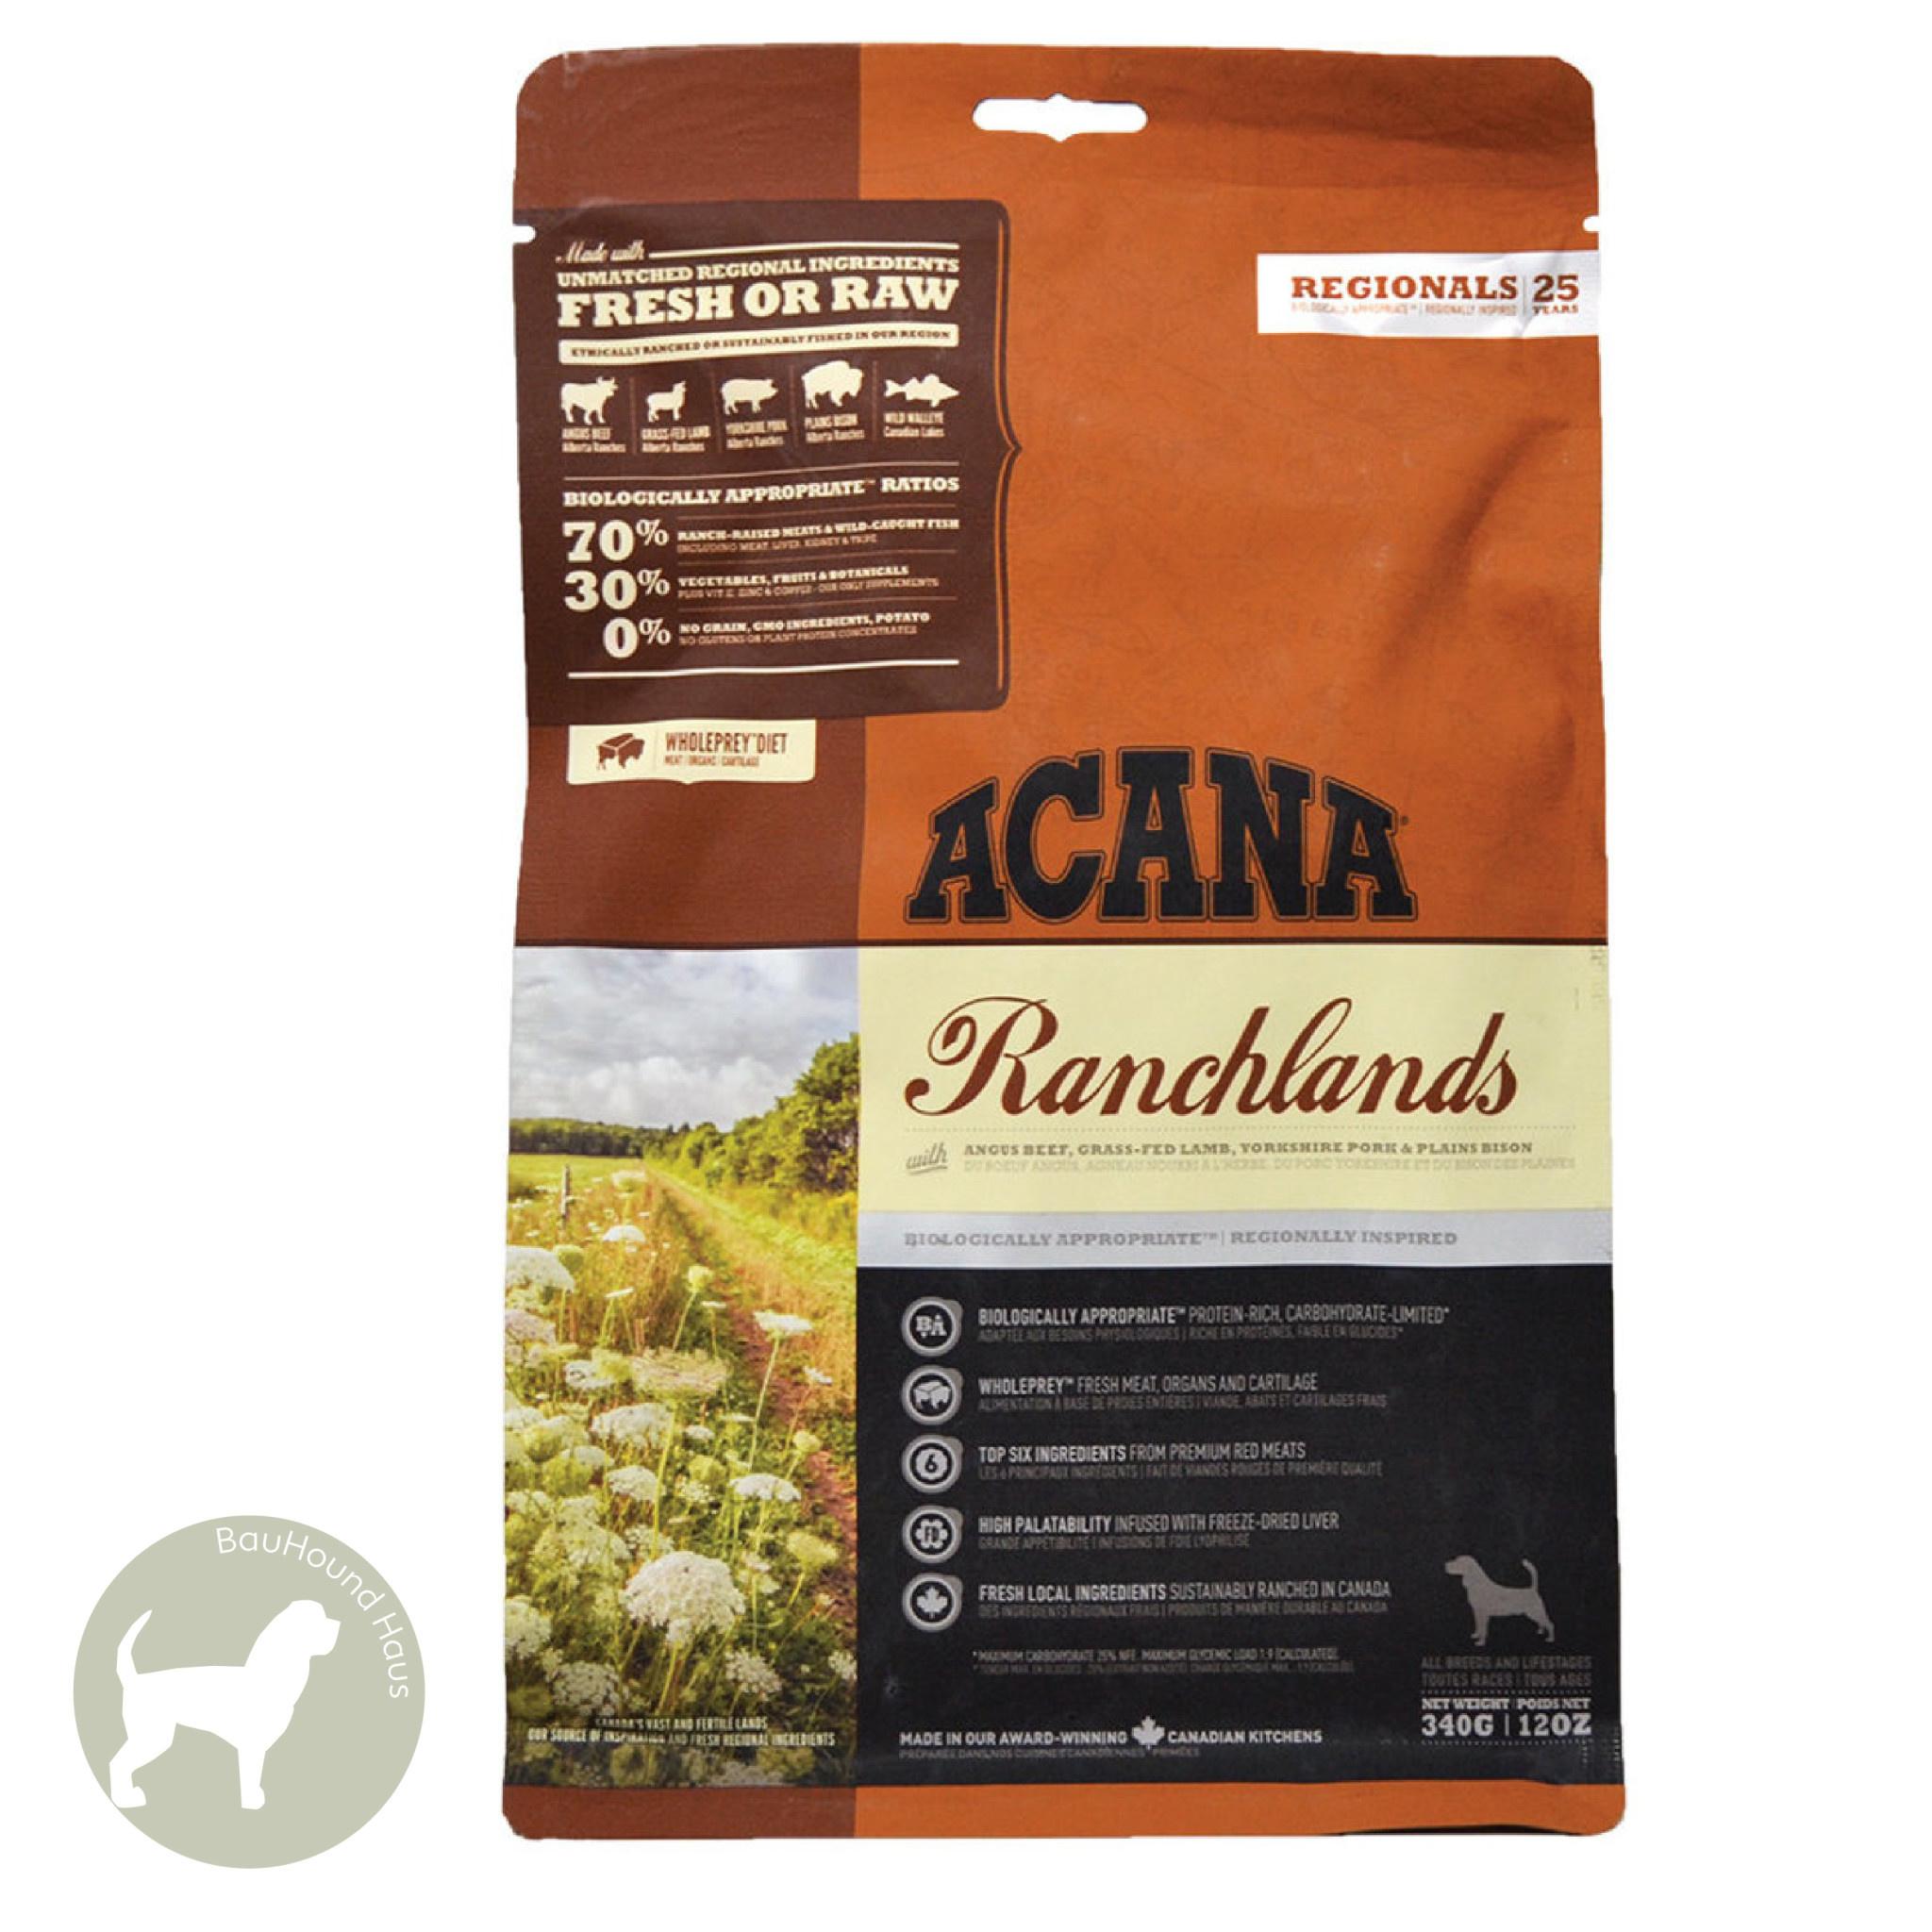 Acana Acana REGIONALS Ranchlands Kibble, 11.4kg